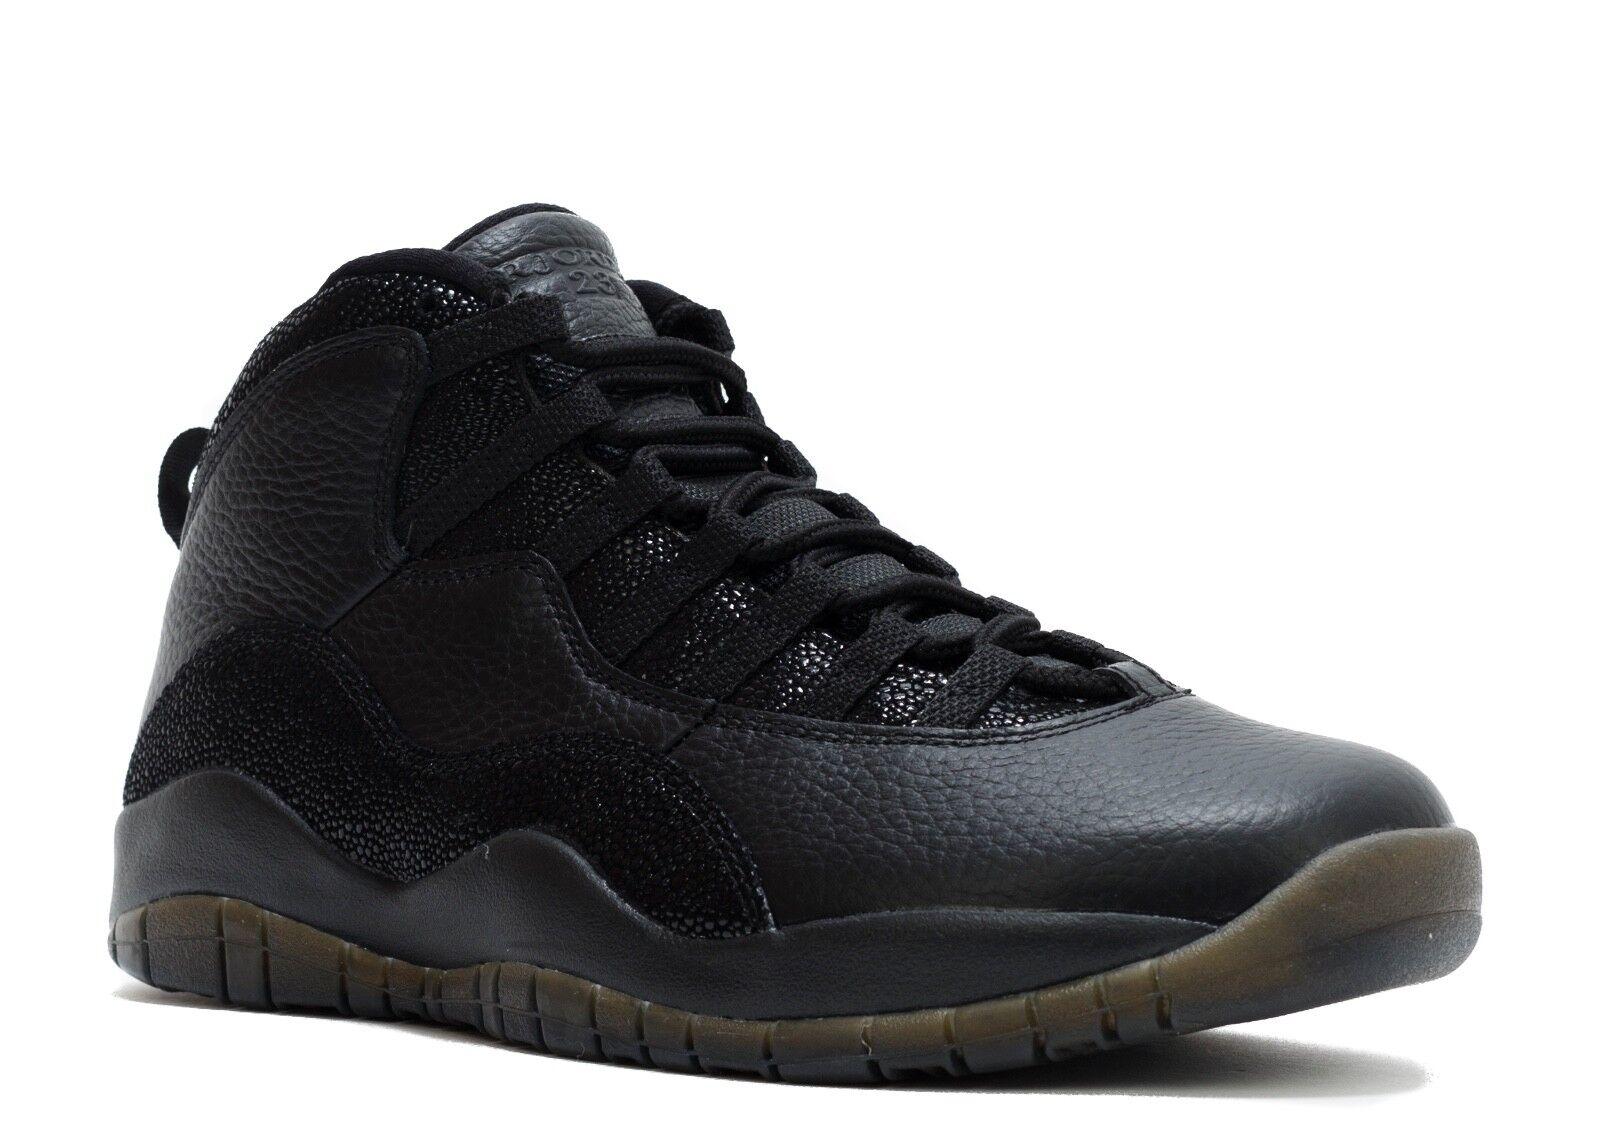 Nike Retail Air Jordan Retro 10 x ovo Negro Retail Nike casual salvaje 3307e6